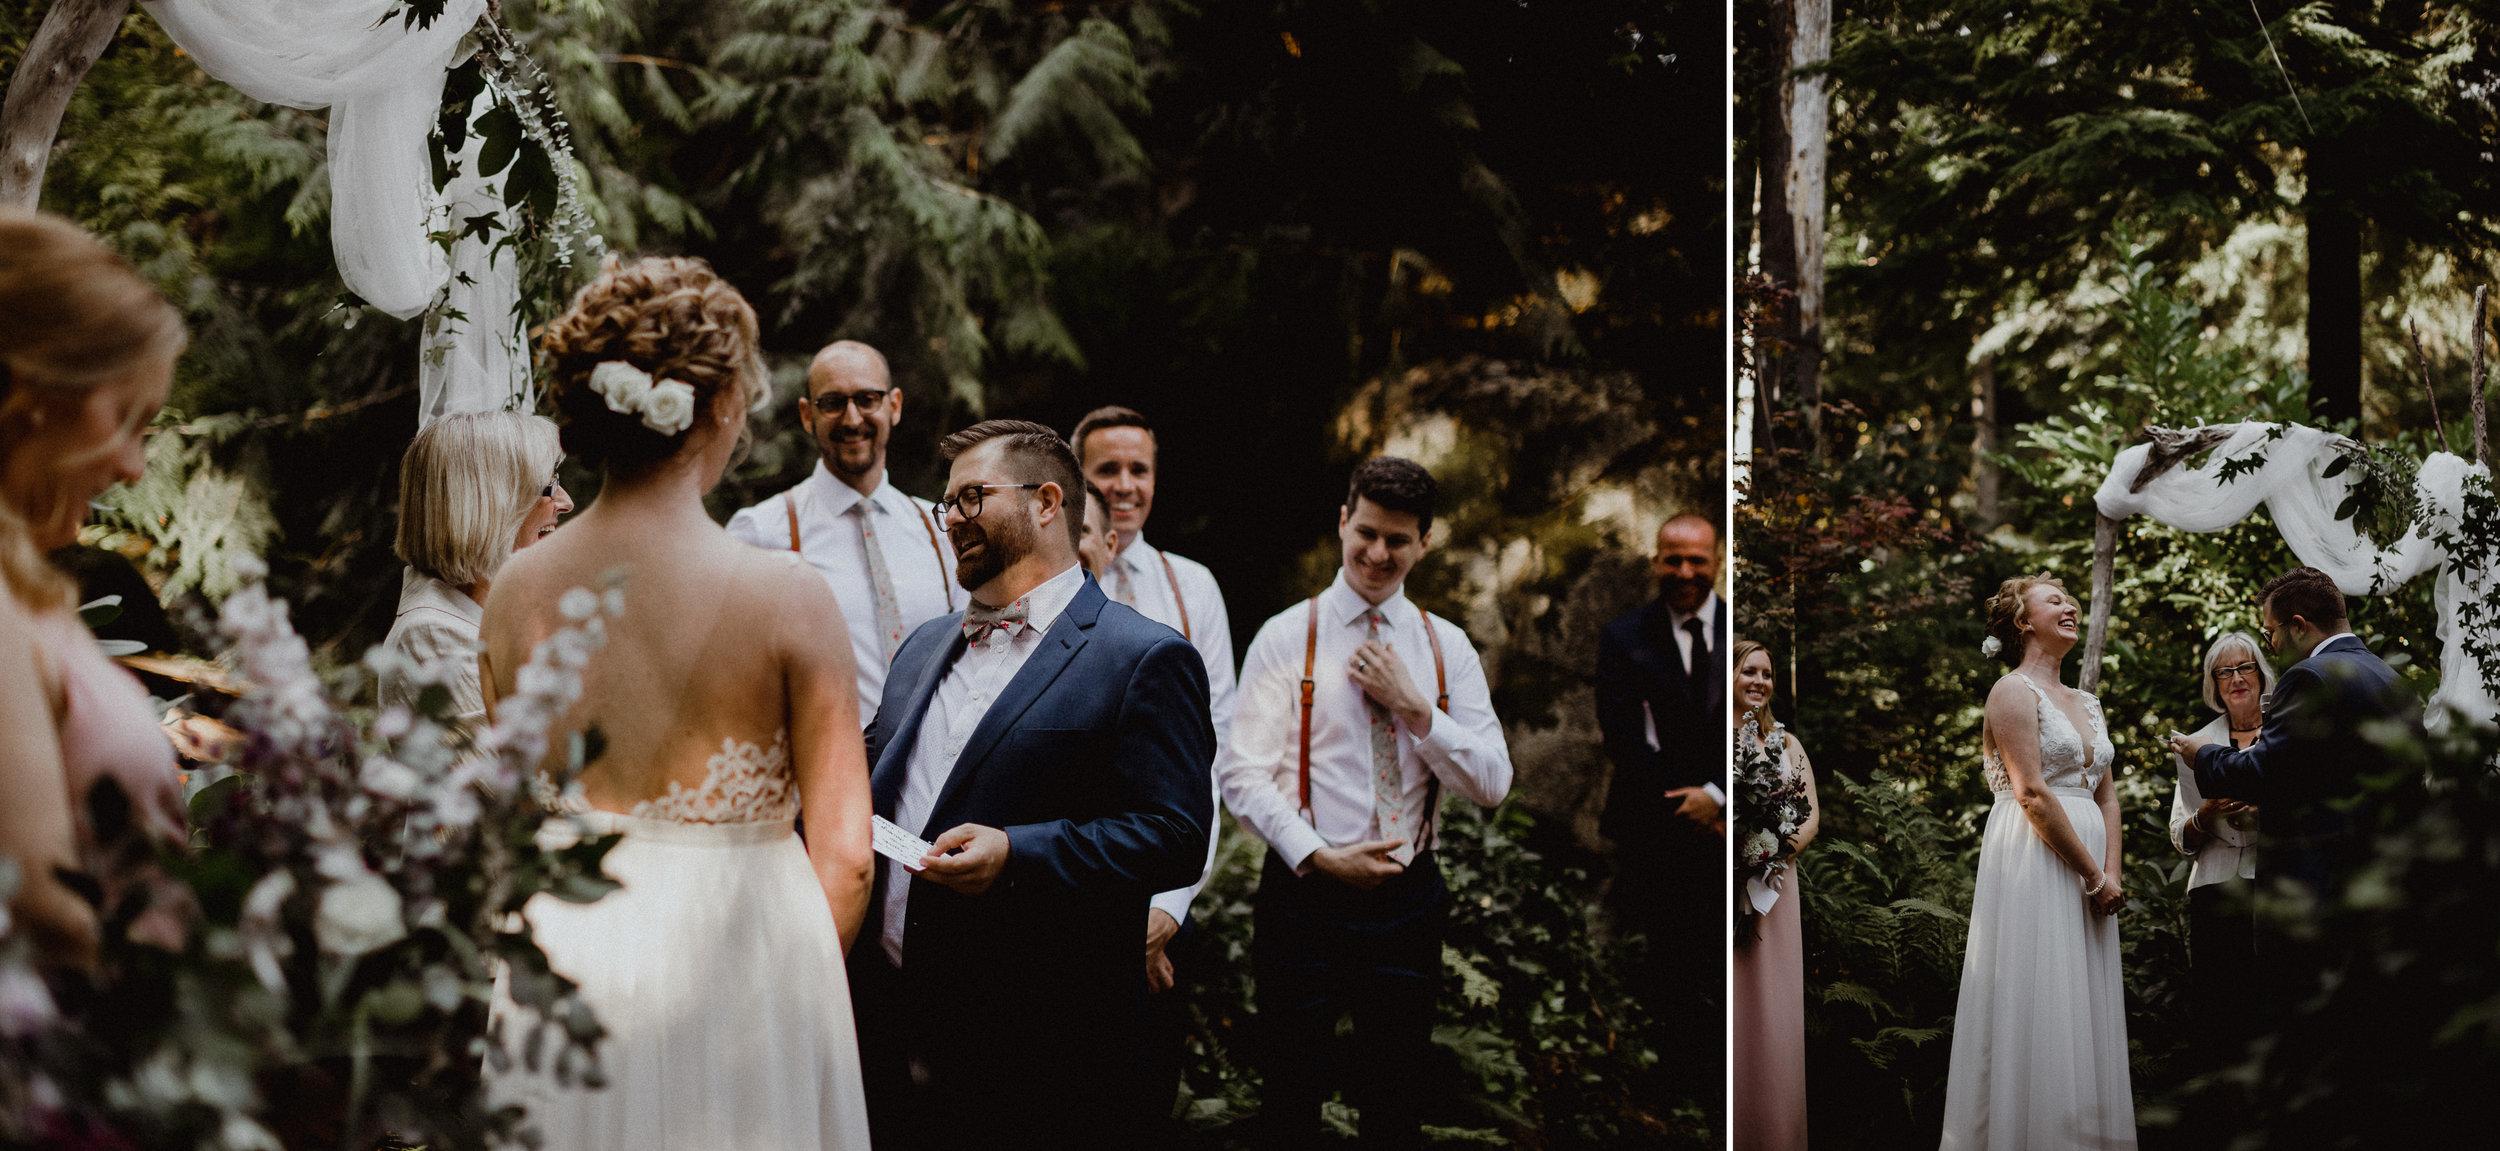 west-vancouver-backyard-wedding-105.jpg